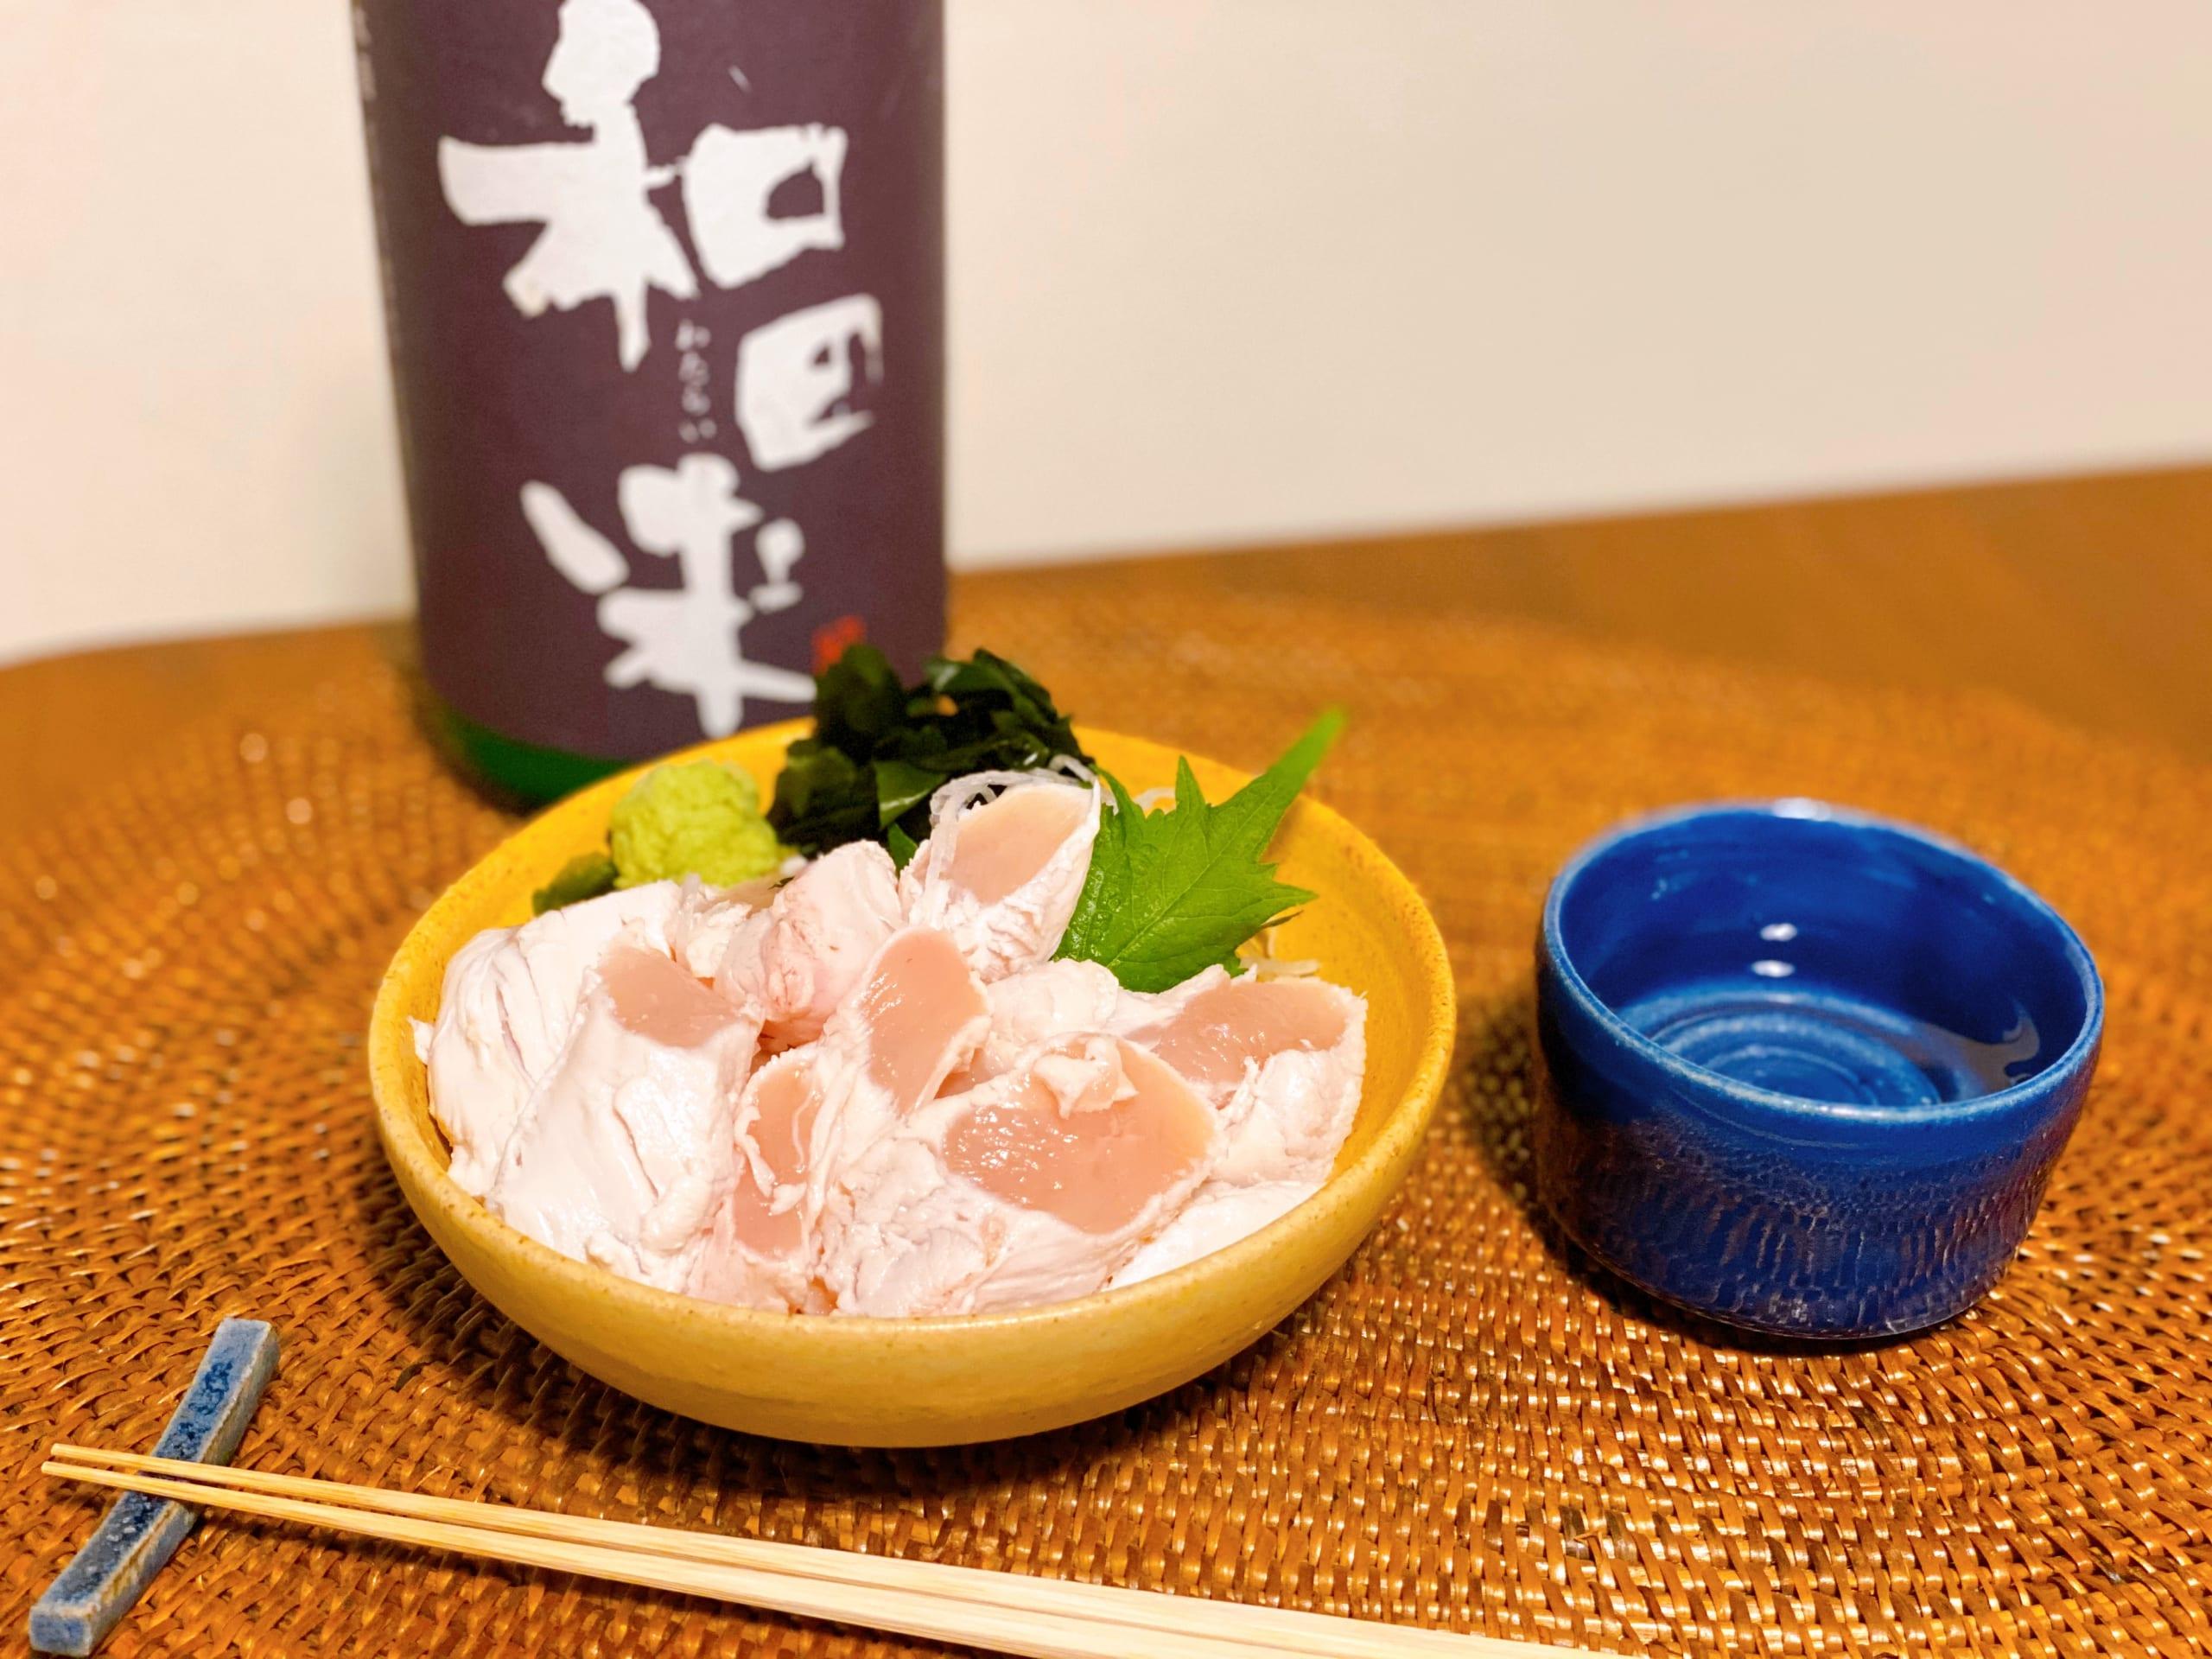 日本酒に合う岩手県産十文字鶏のとりわさをテイクアウトして家飲み